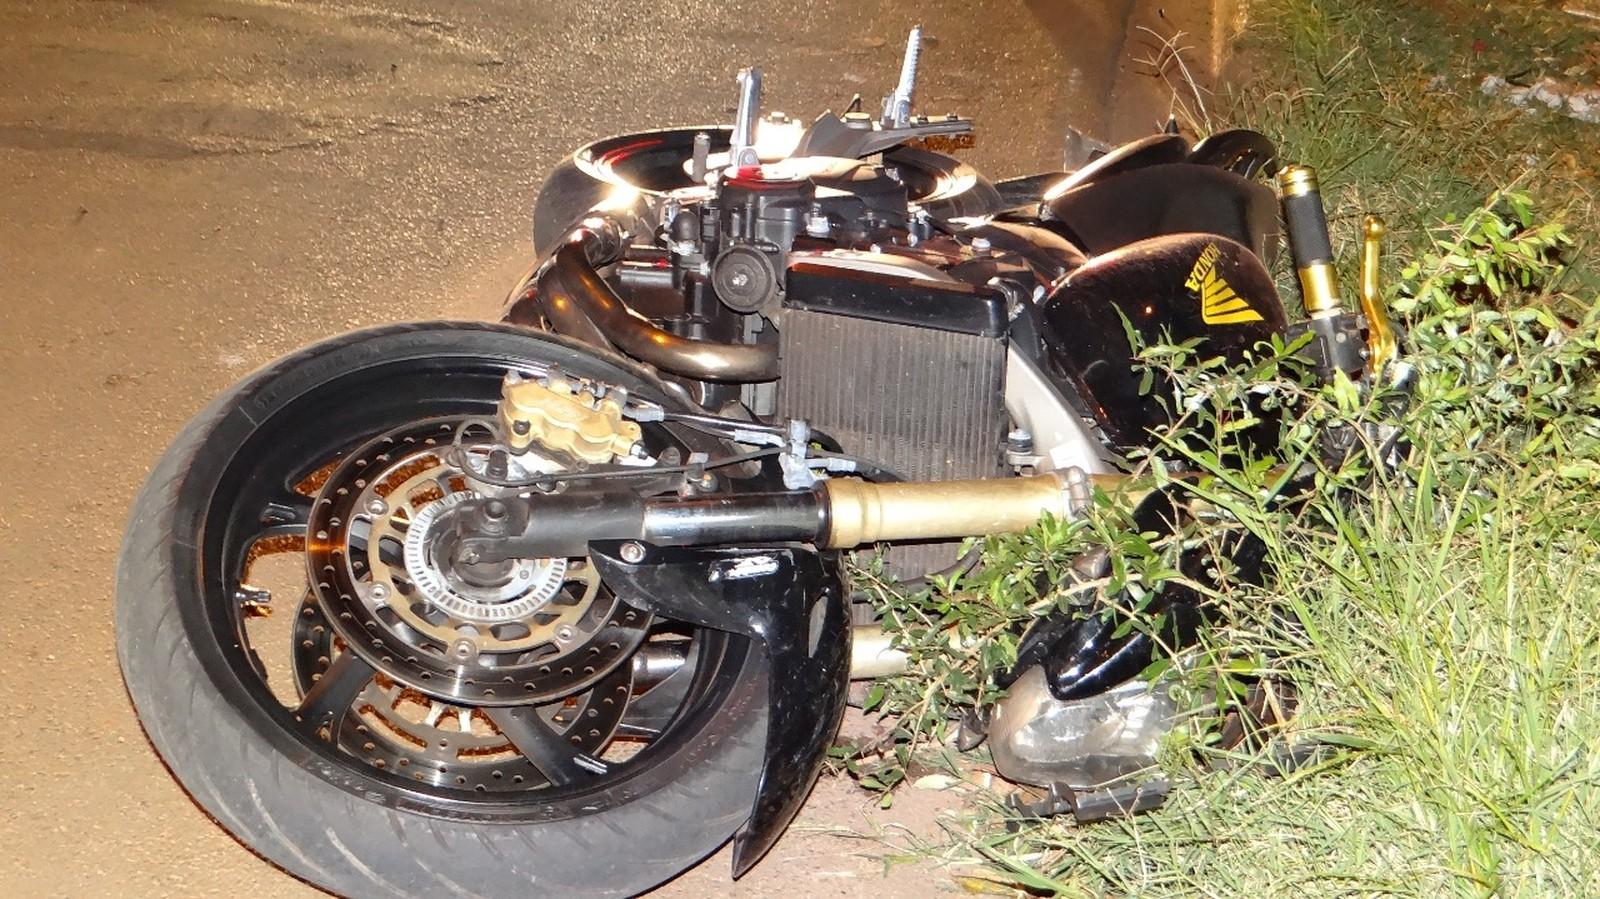 Casal estava em uma moto de 600 cilindradas quando sofreu o acidente em Bocaina — Foto: Antônio Carlos Bispo do Carmo/Divulgação